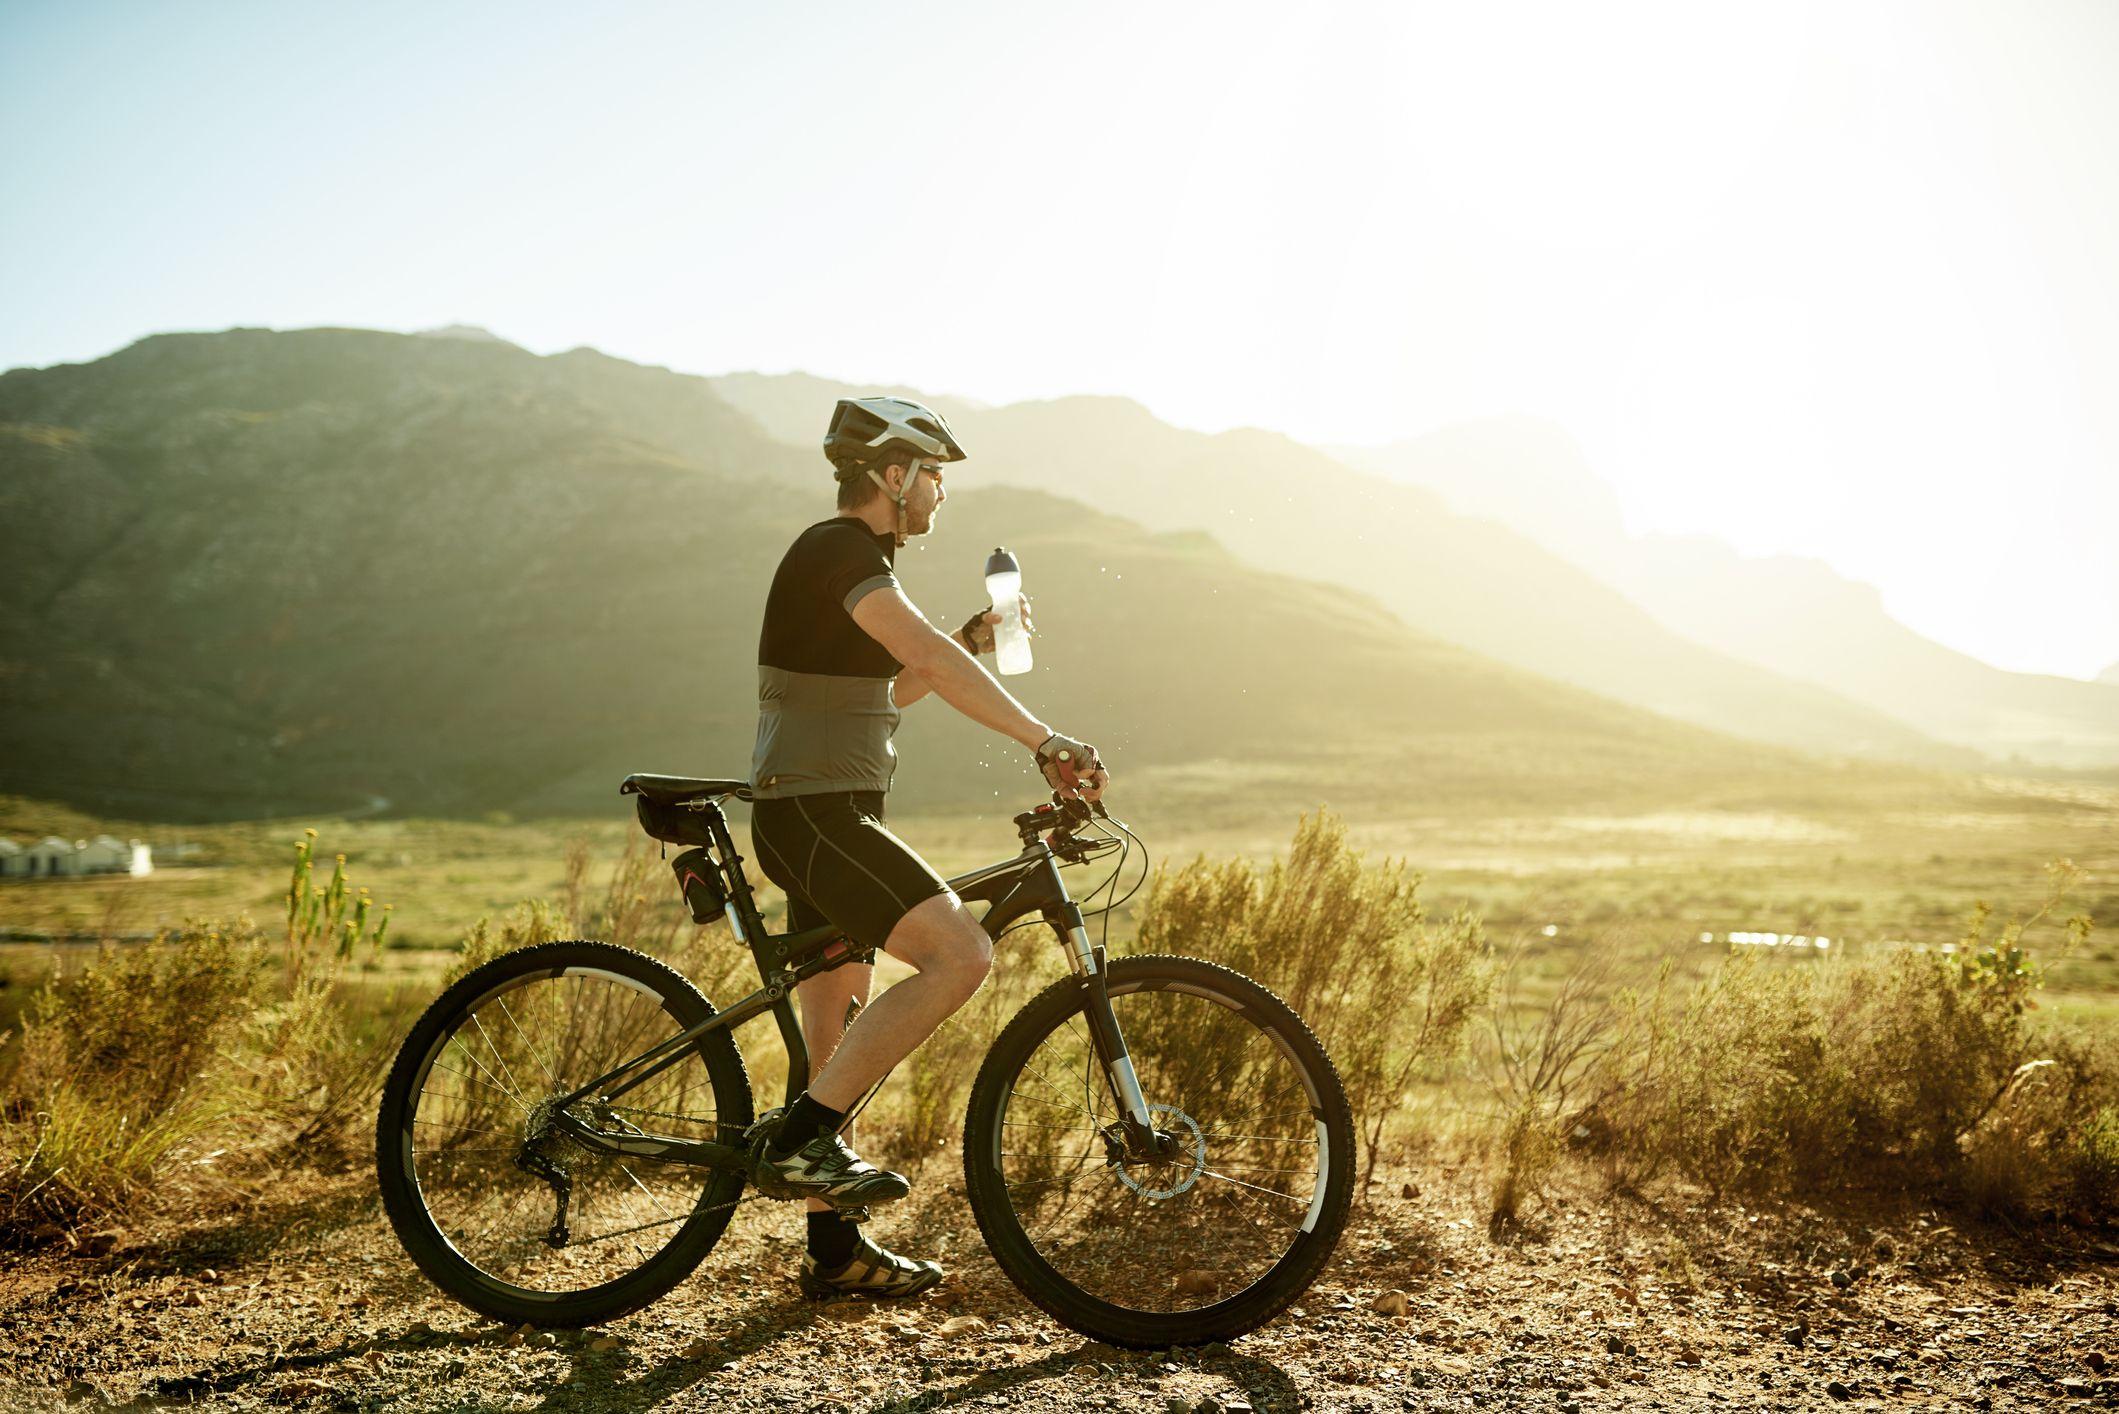 Summer Biking | Cycling in the Heat